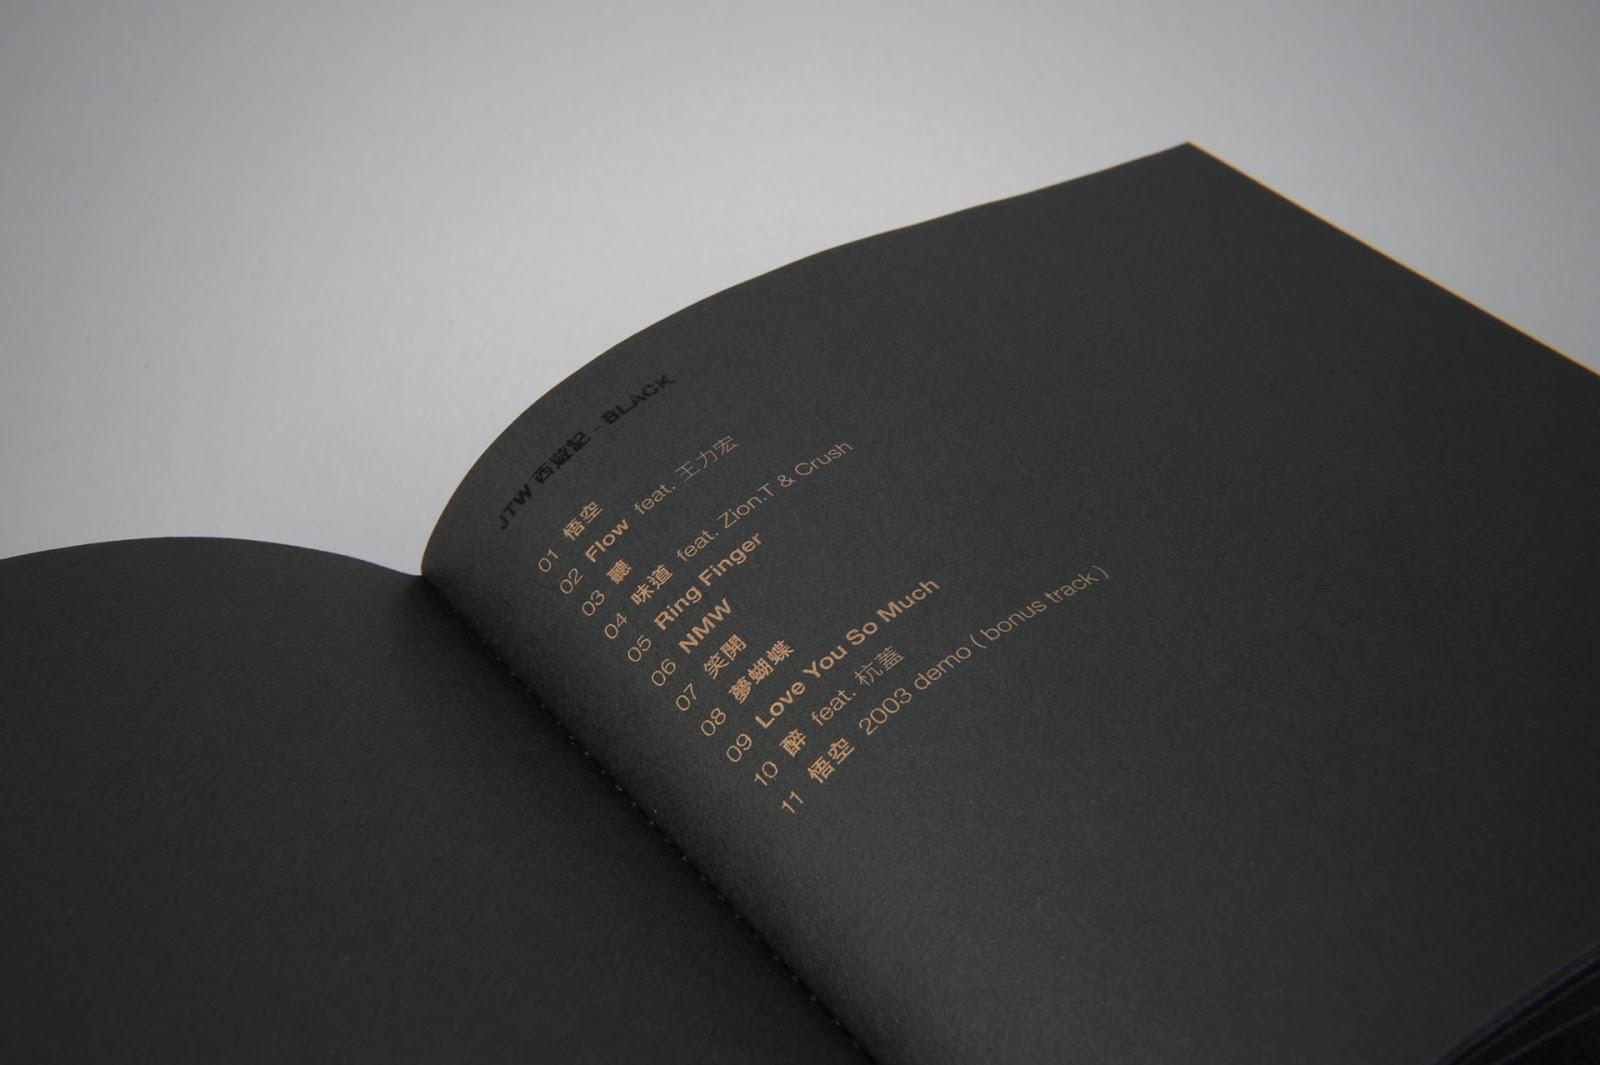 Khalil-Fong 歌谱印刷1